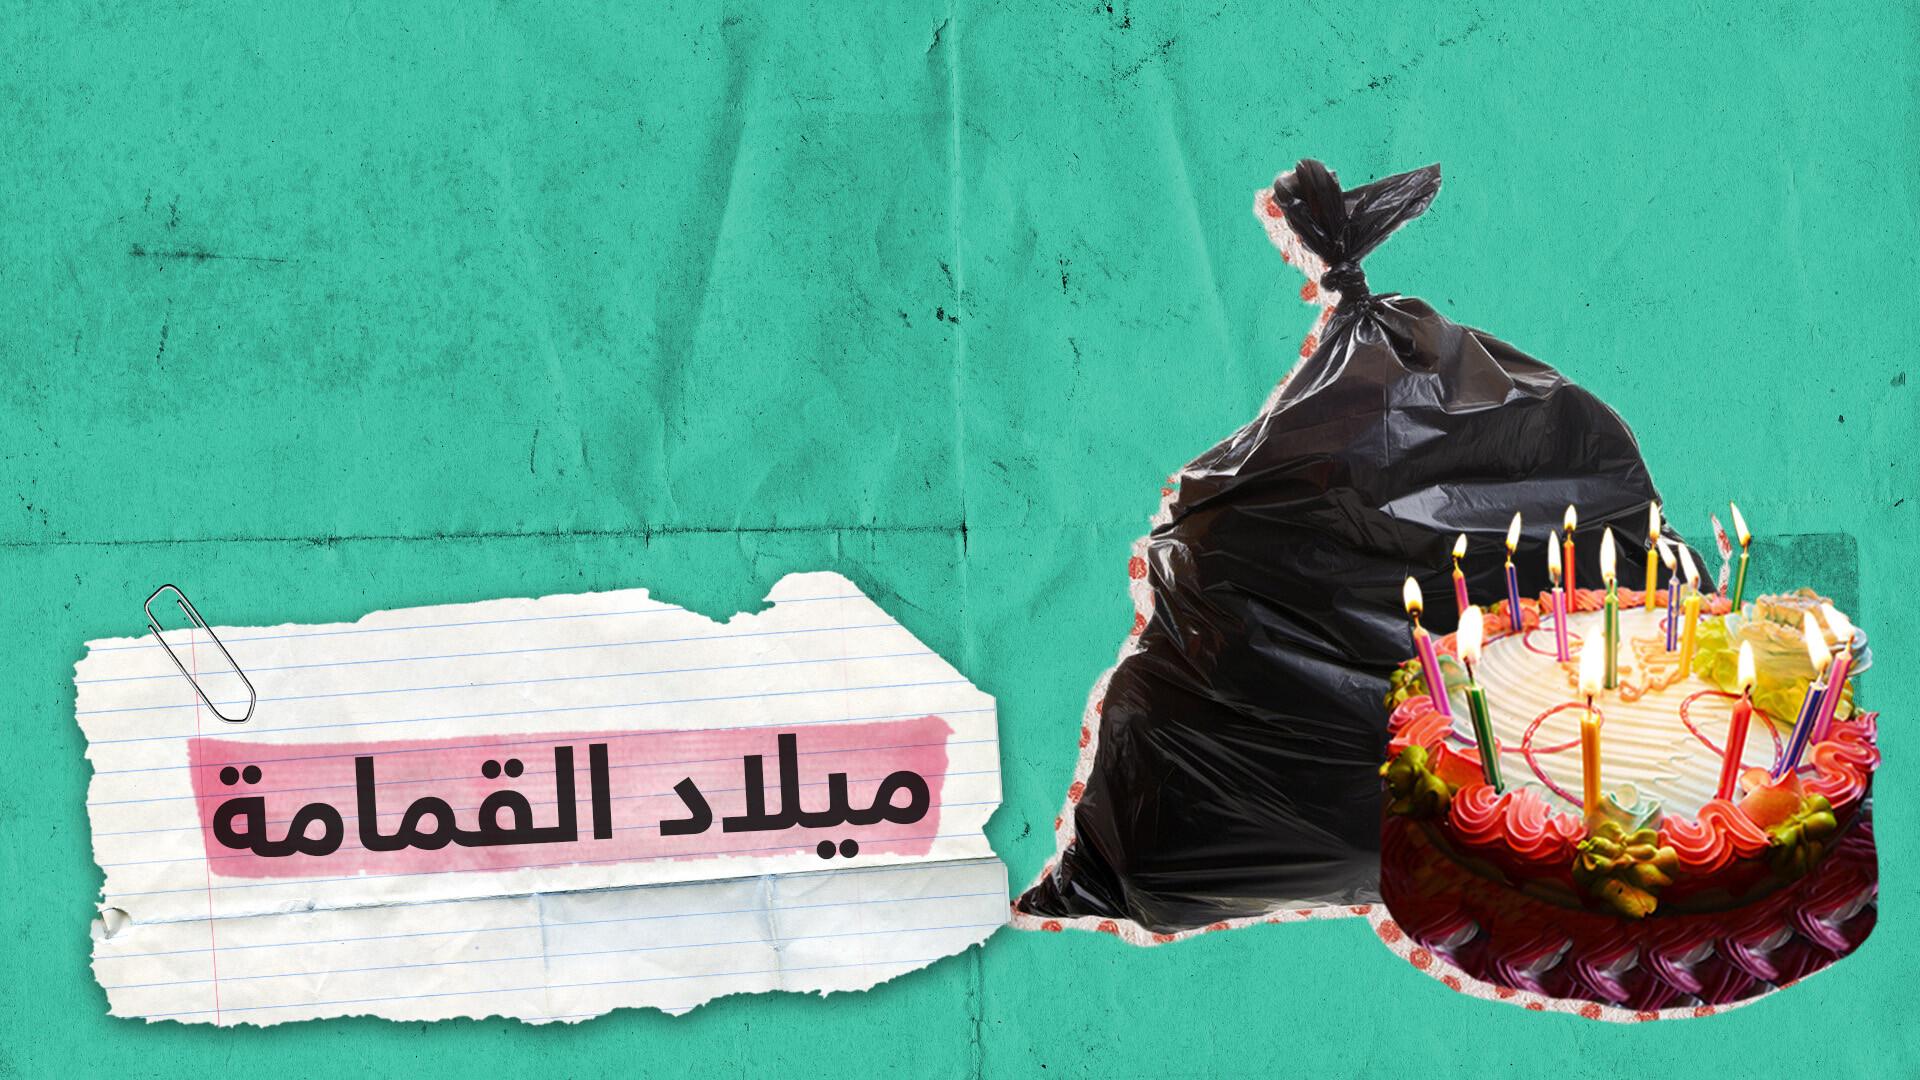 بعد ميلاد الحفرة.. تونسيون يحتفلون بالقمامة احتجاجا